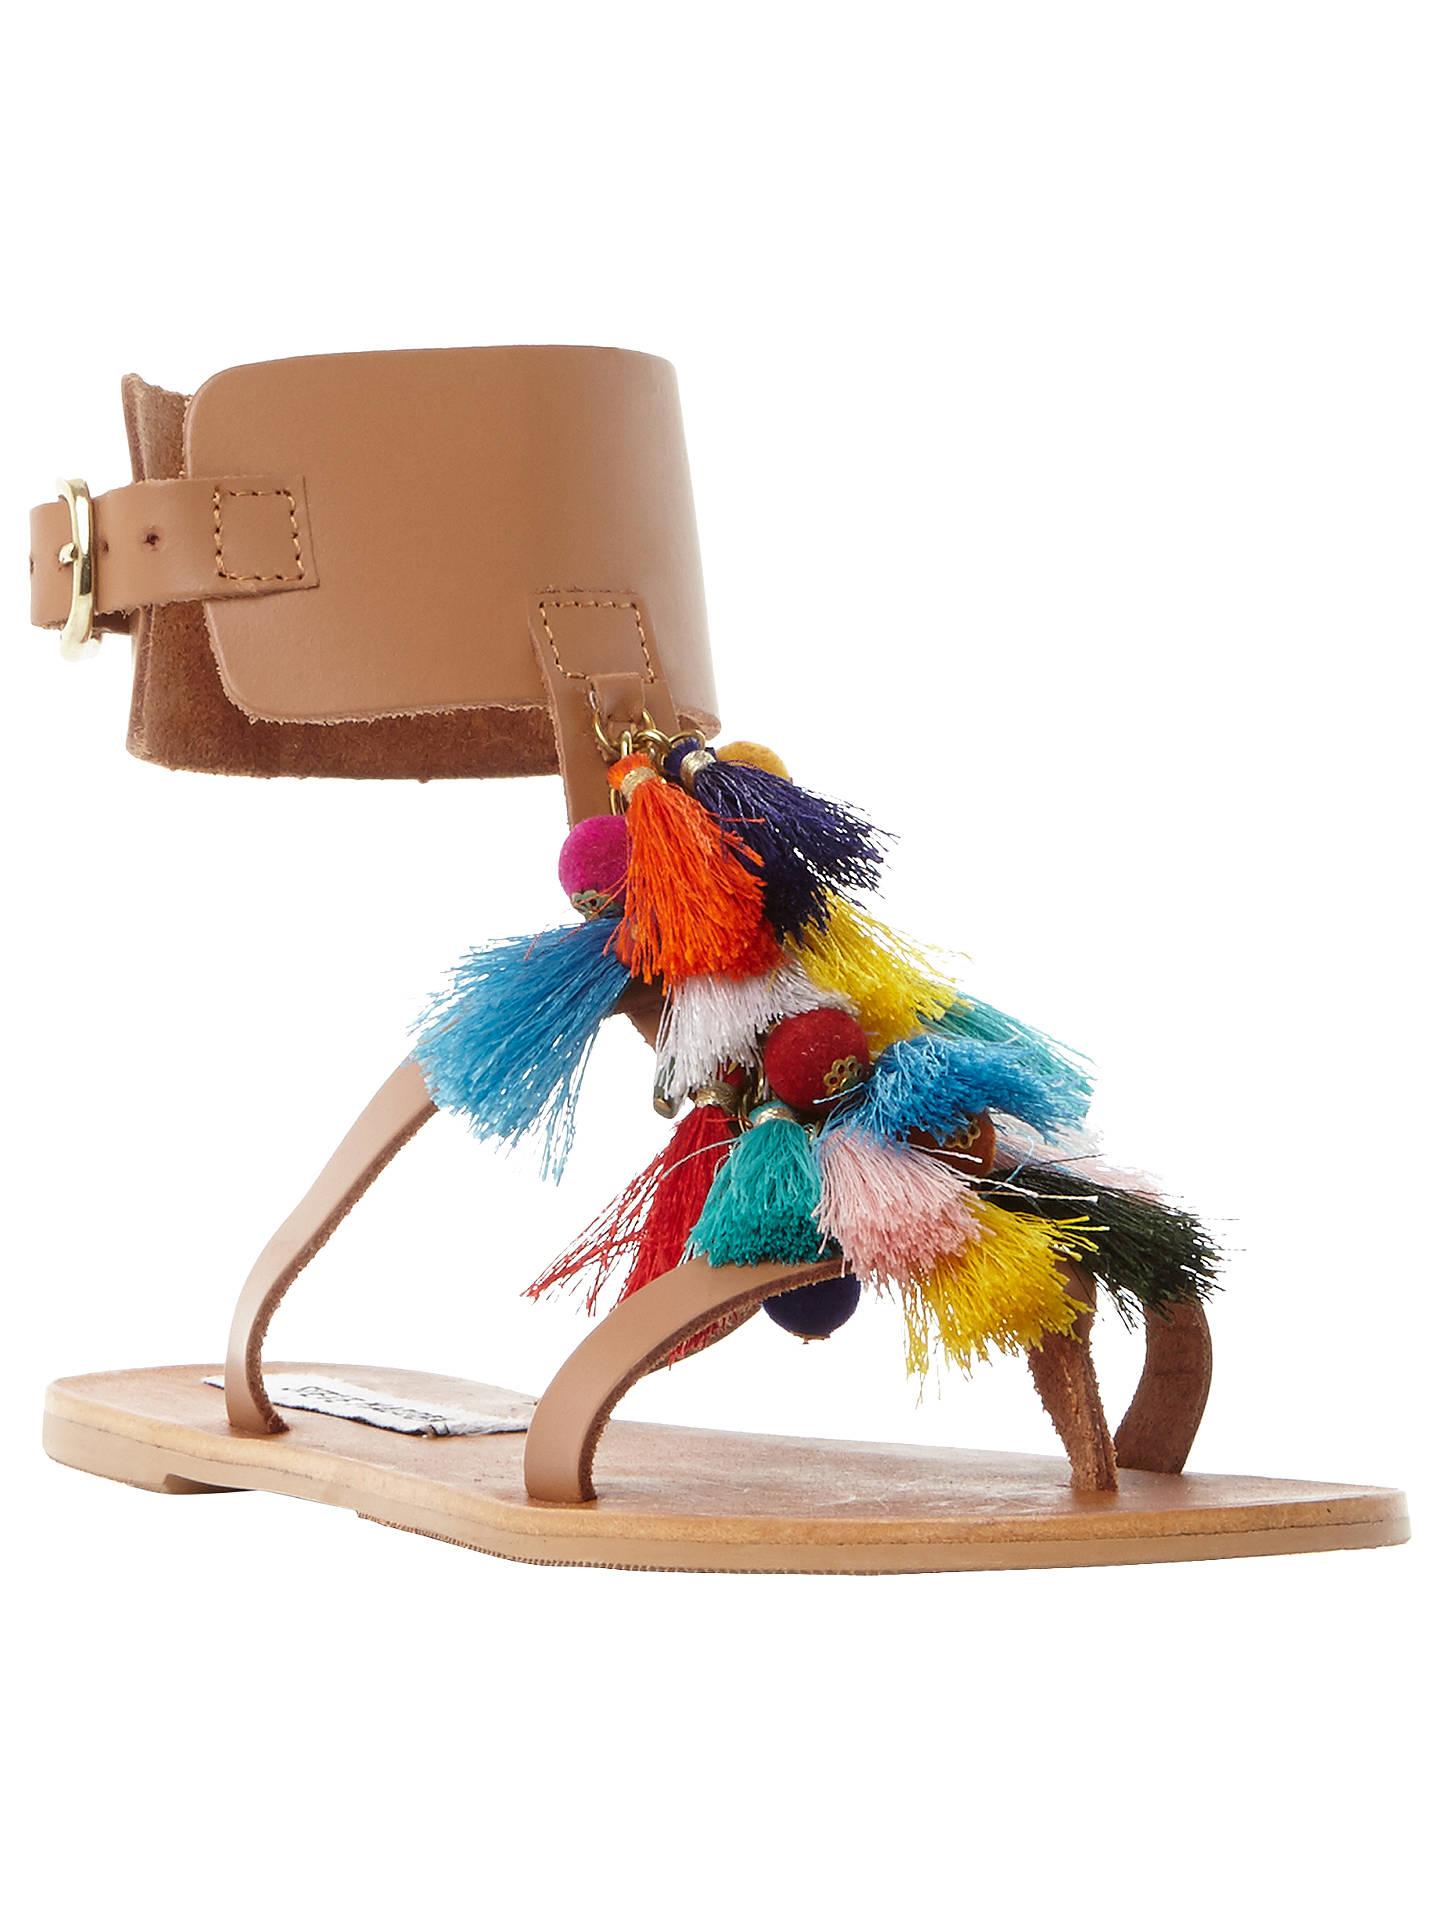 bfb4612ee439 Buy Steve Madden Colorful Tassel Sandals